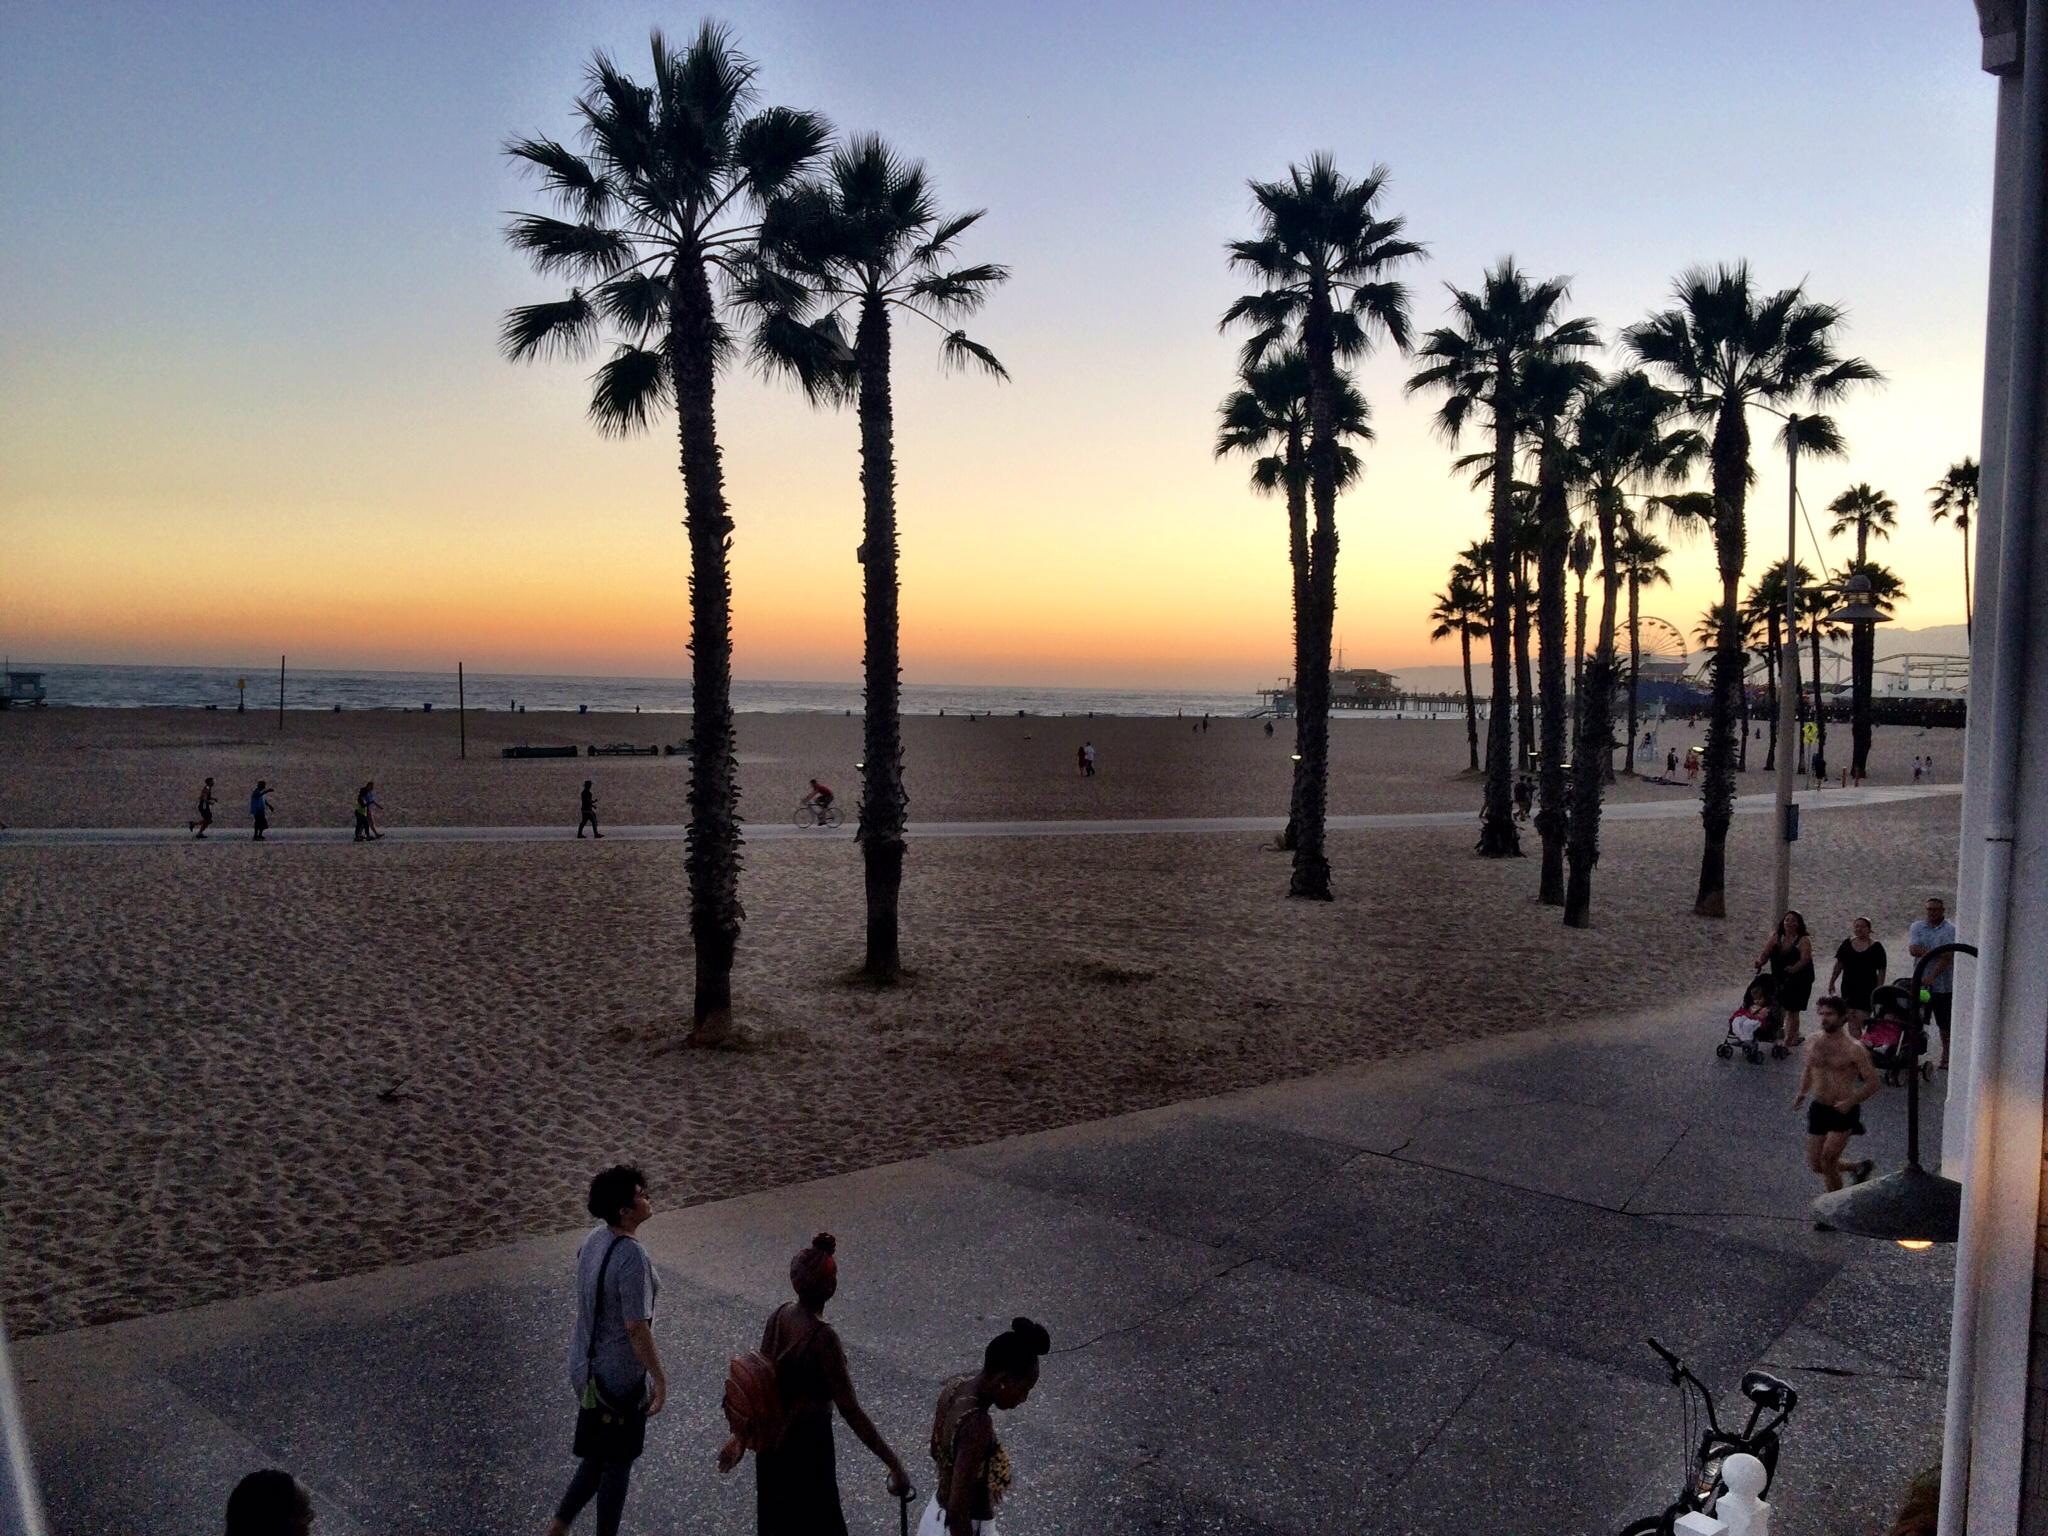 Somewhere in LA